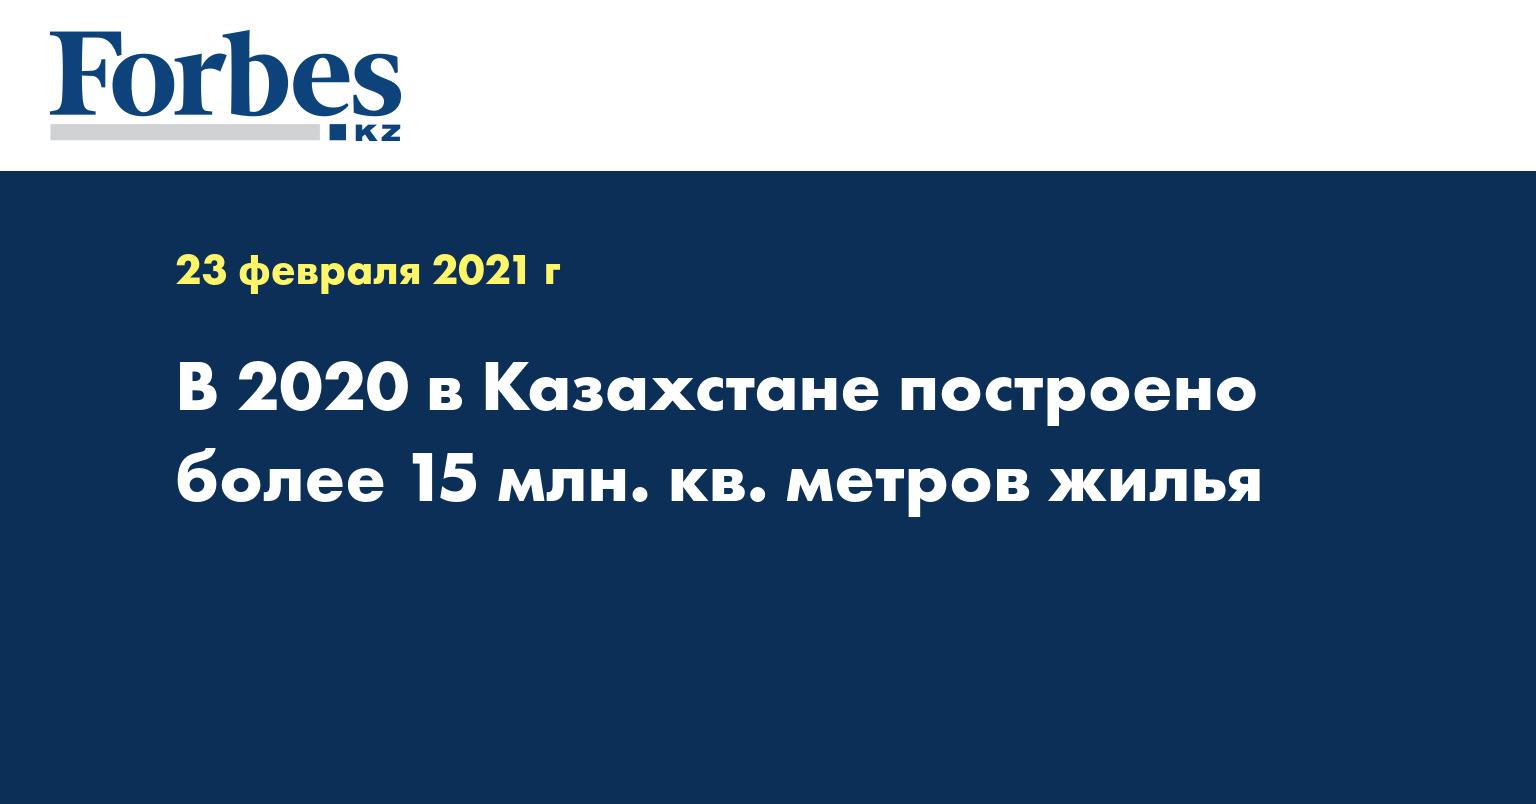 В 2020 в Казахстане построено более 15 млн. кв. метров жилья